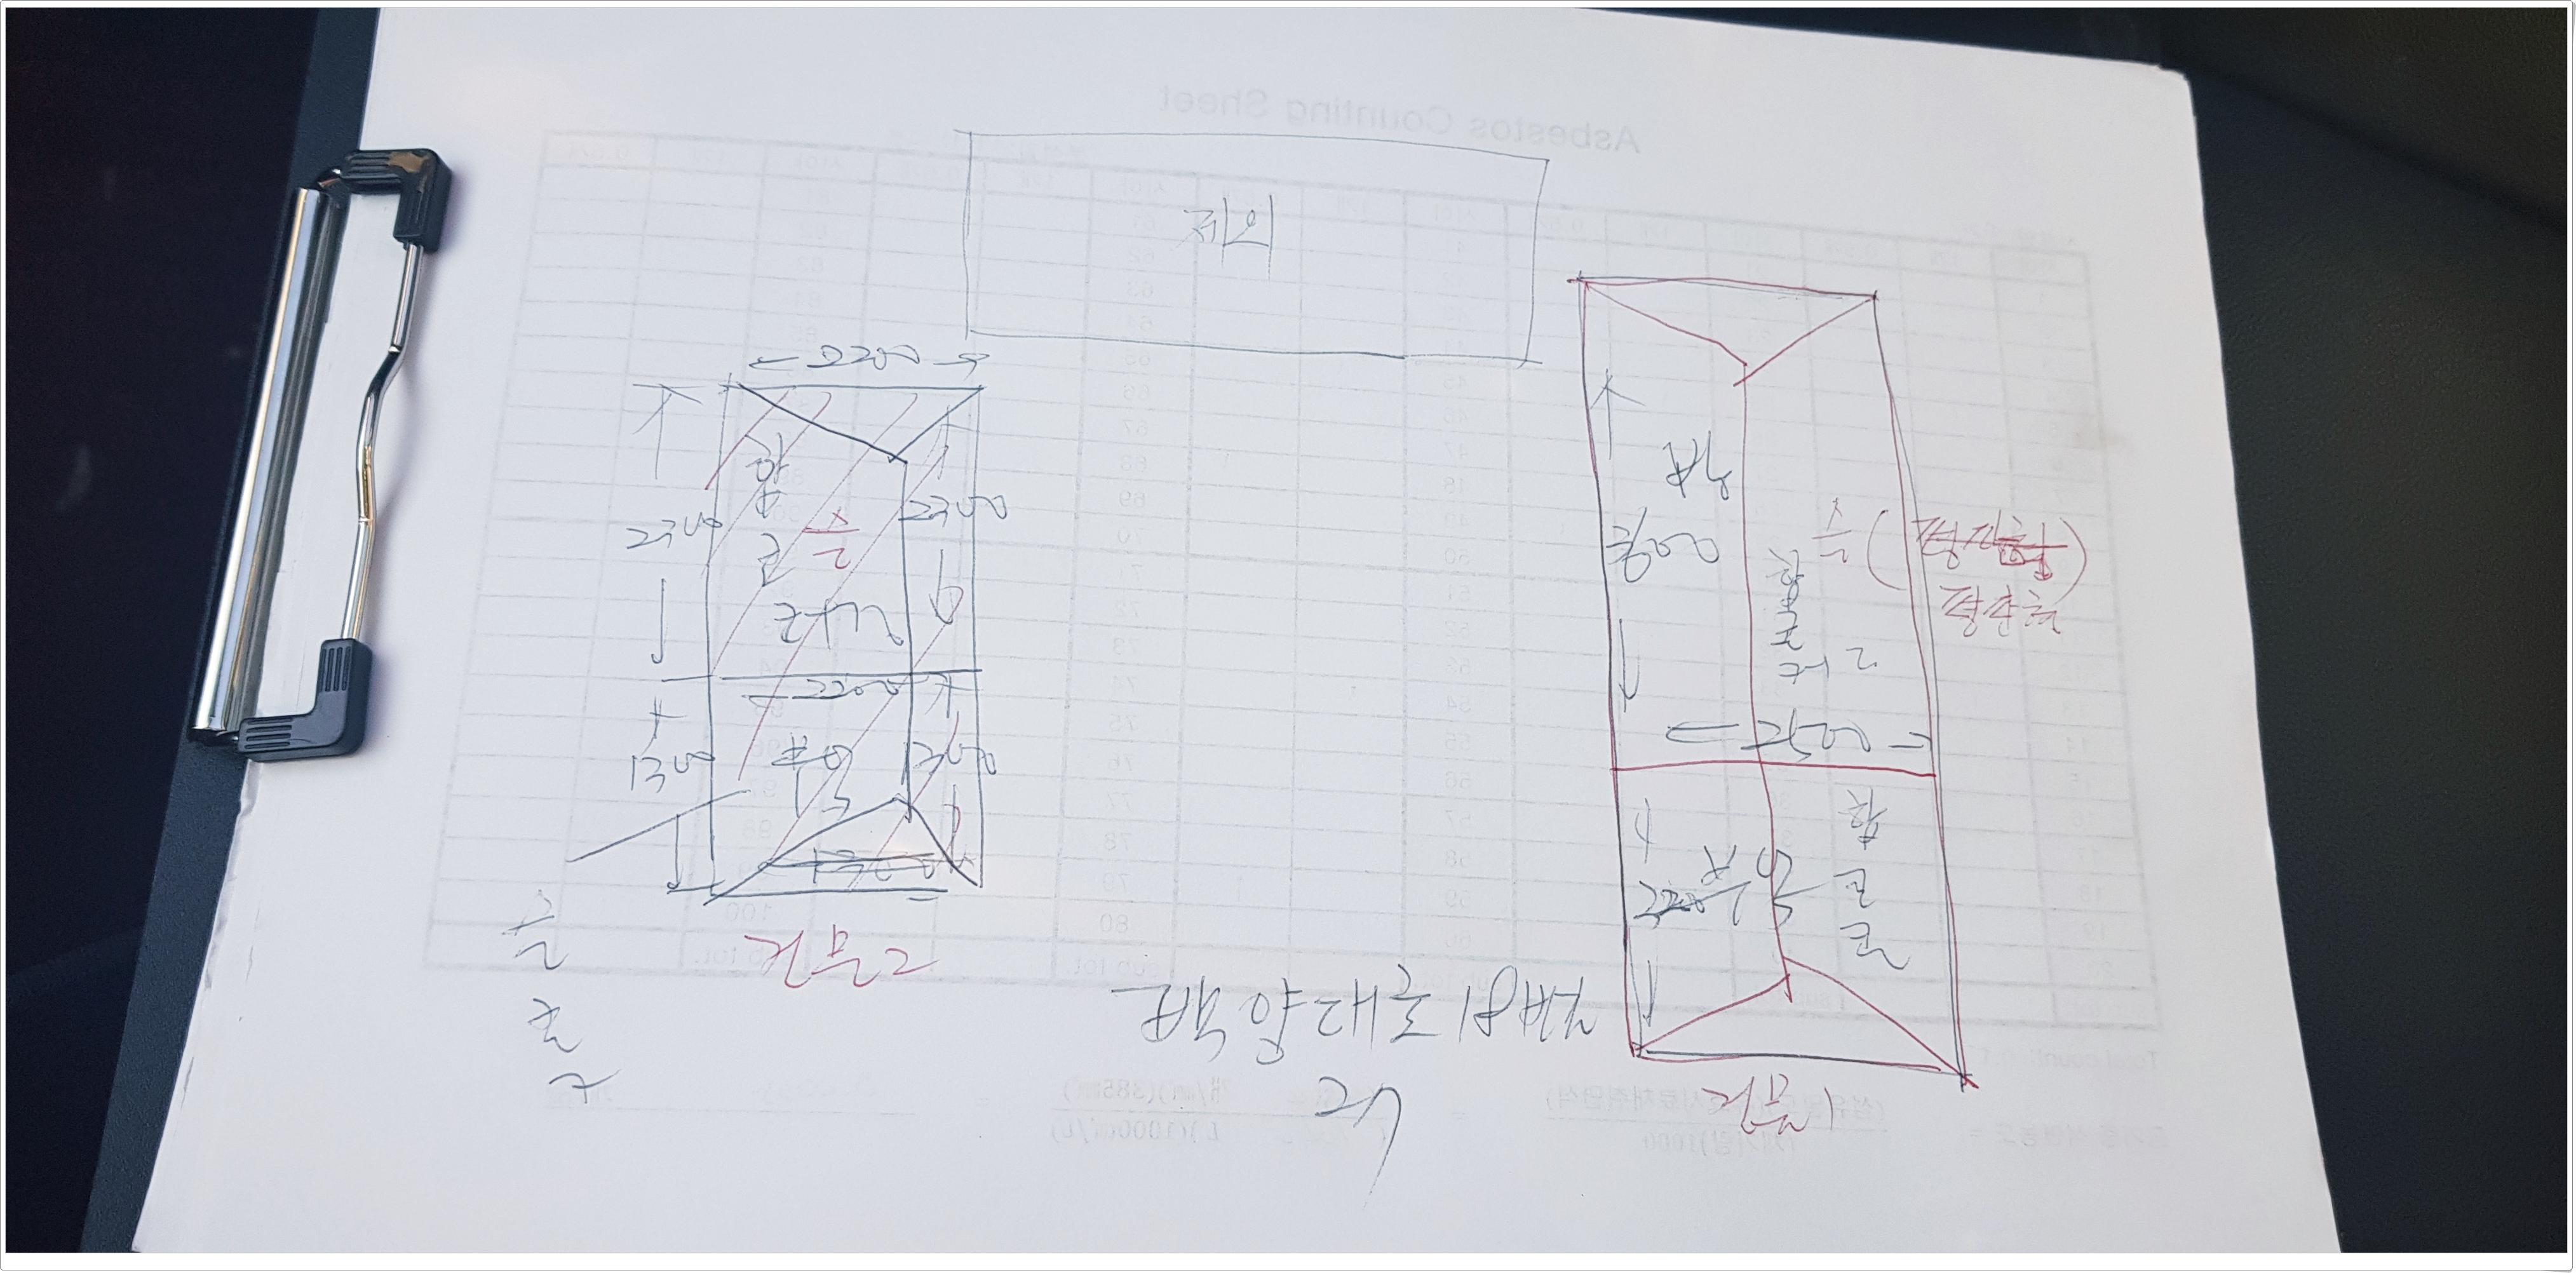 16 번째 사진 단독주택 에  연면적 ㎡ 부산 백양대로 주택 석면조사 현장